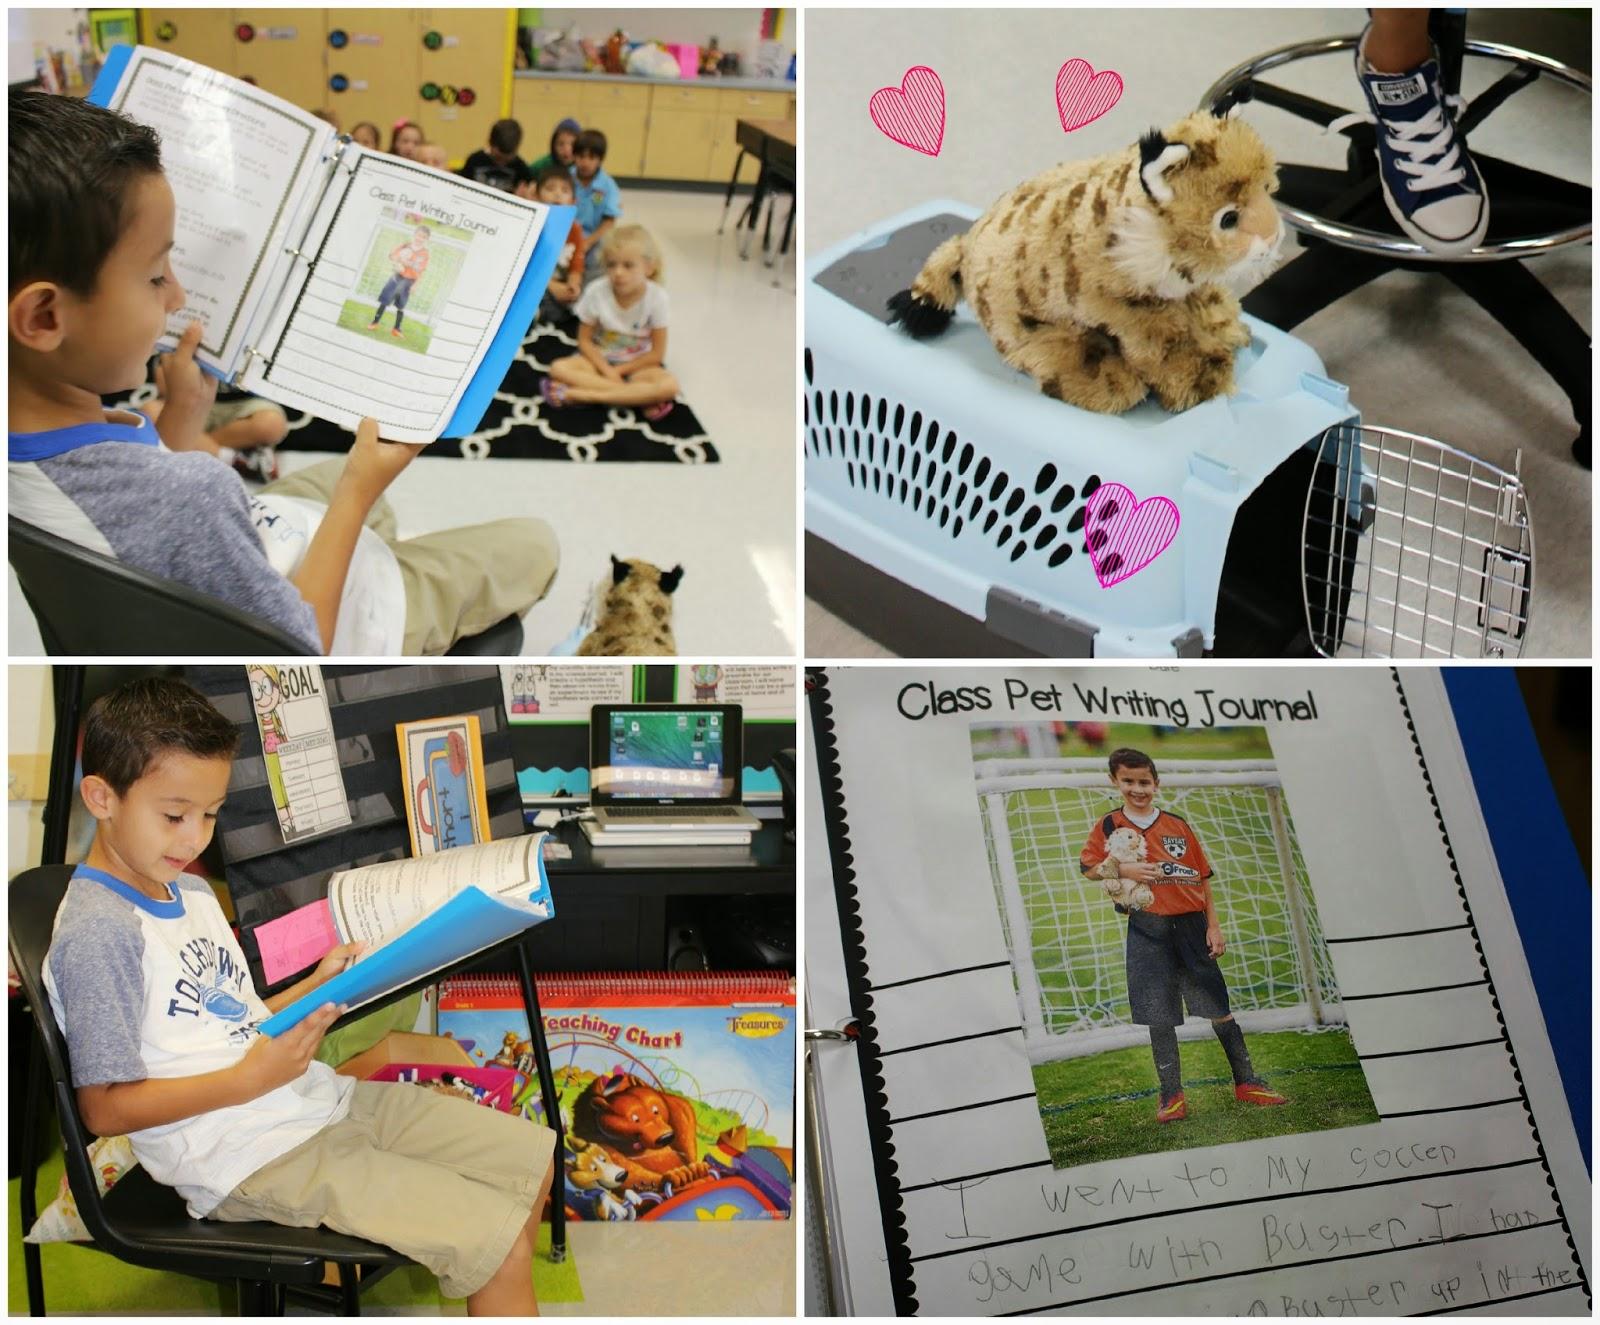 http://www.teacherspayteachers.com/Product/Class-Pet-Writing-Journal-298932